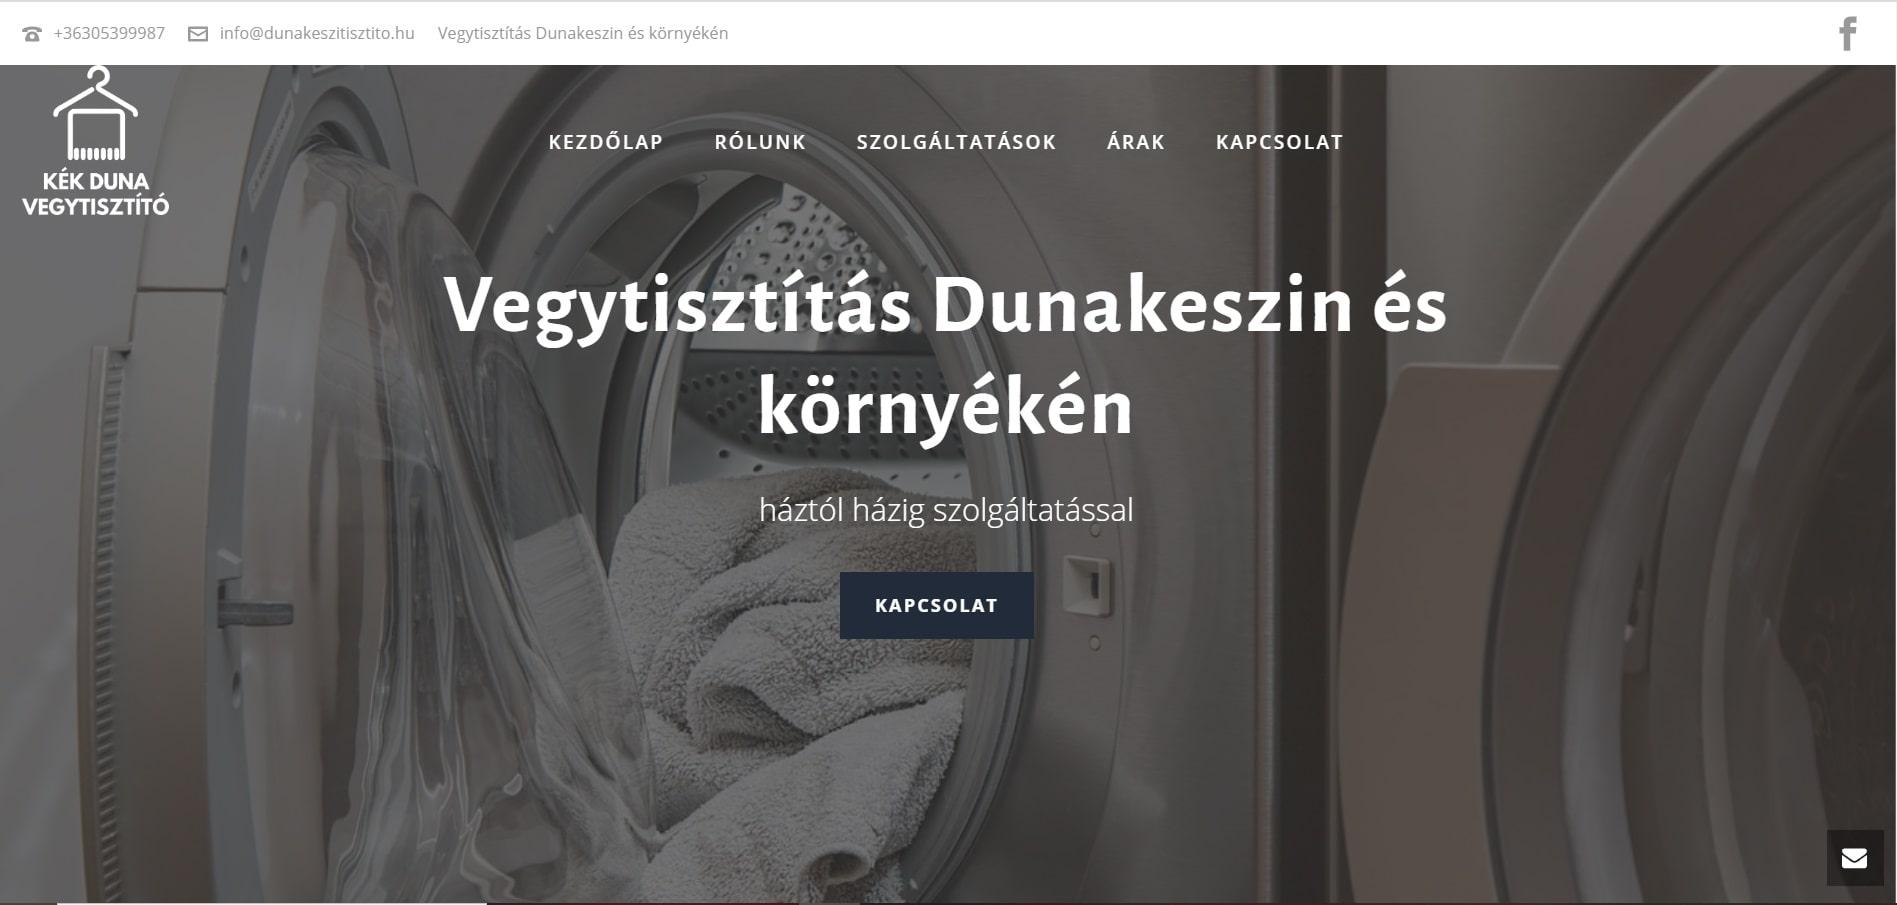 dunakeszi-tisztito-honlakeszites-referencia